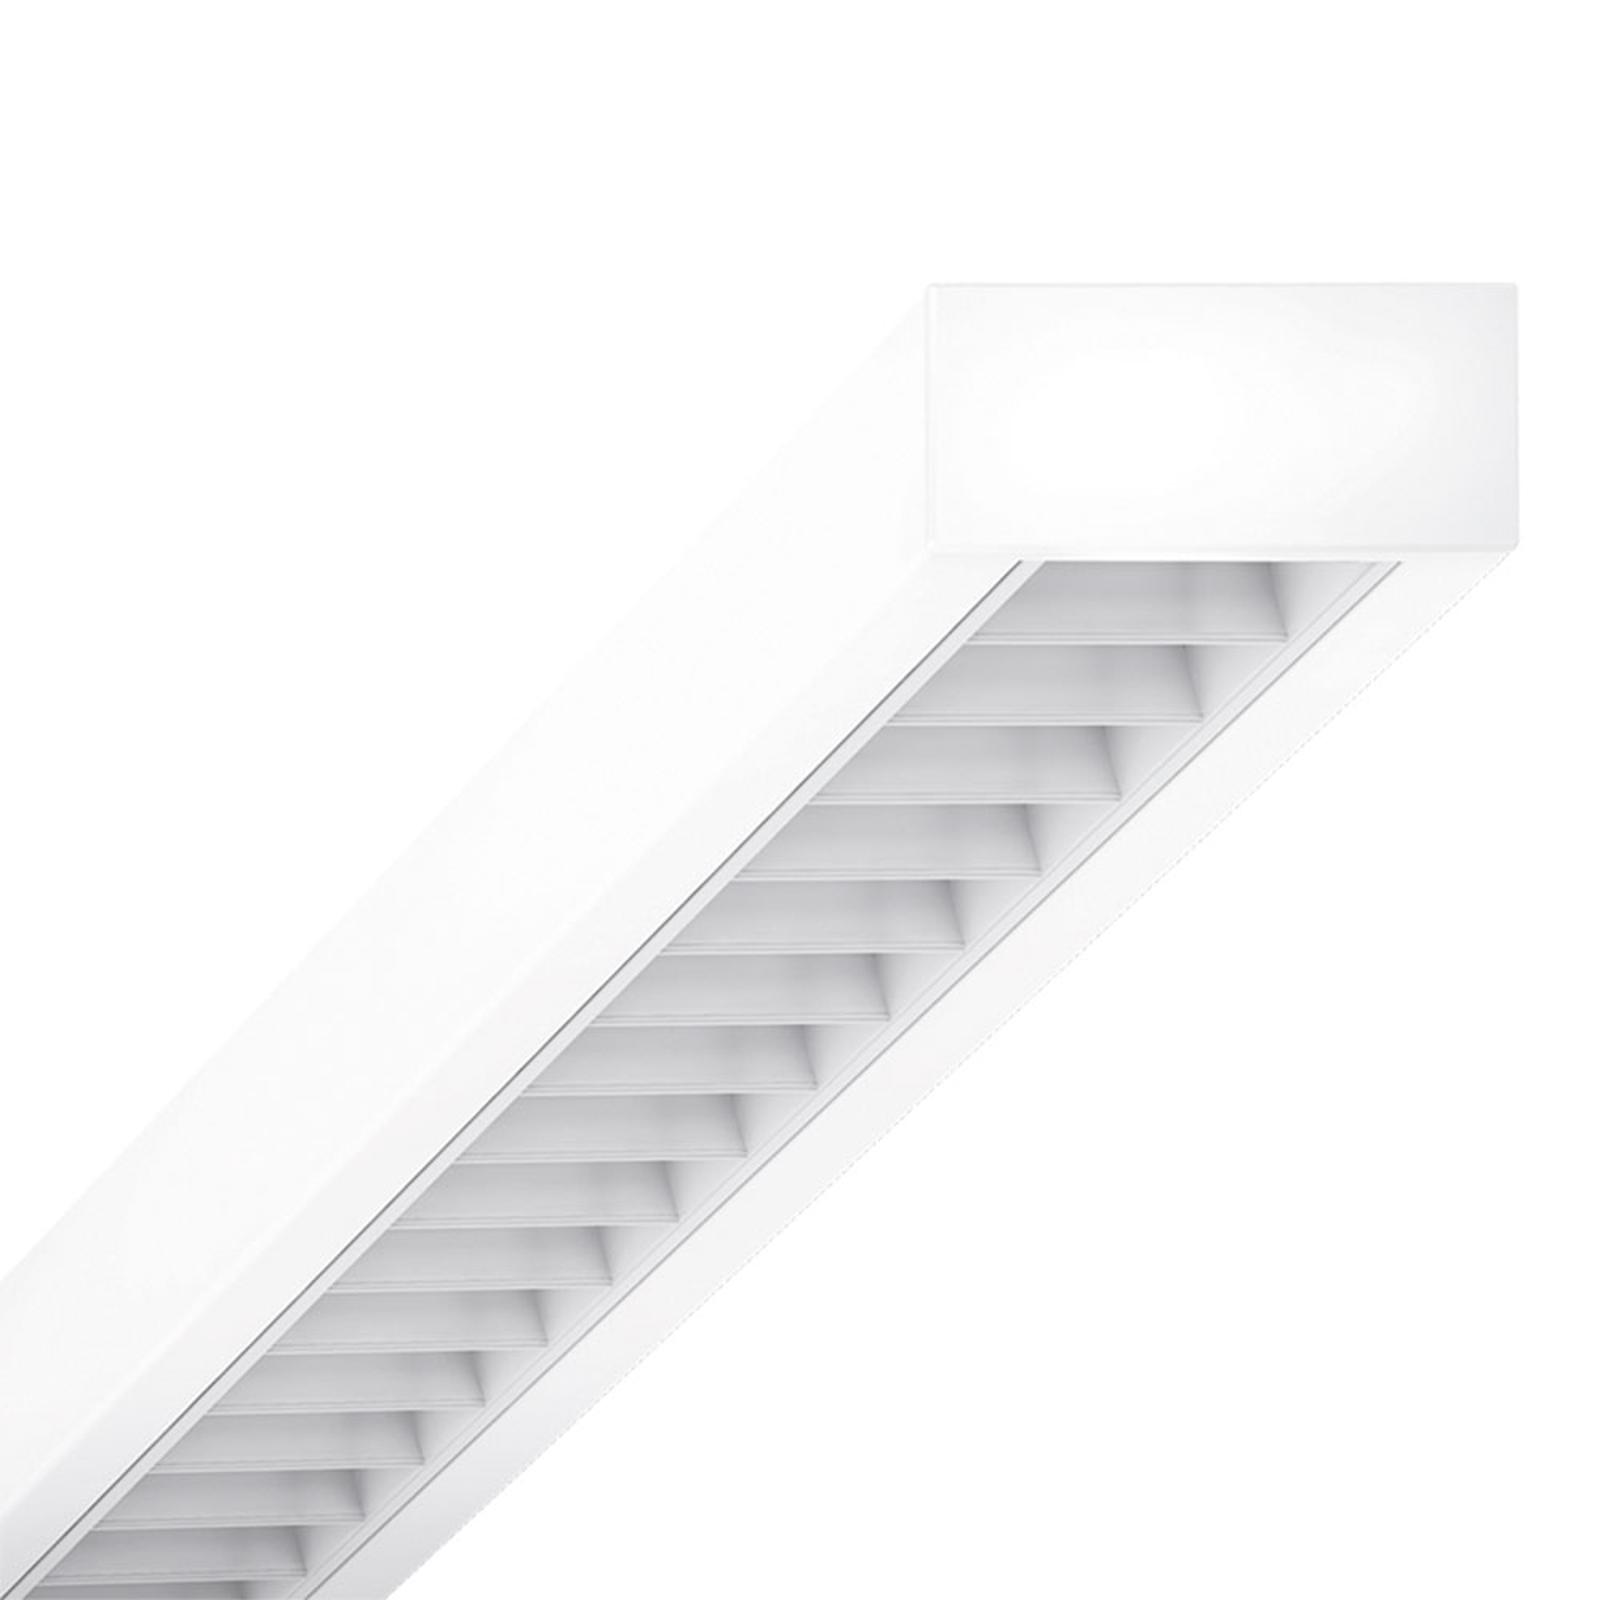 Plafonnier LED cubus-RSAXC-1500 4000K grille